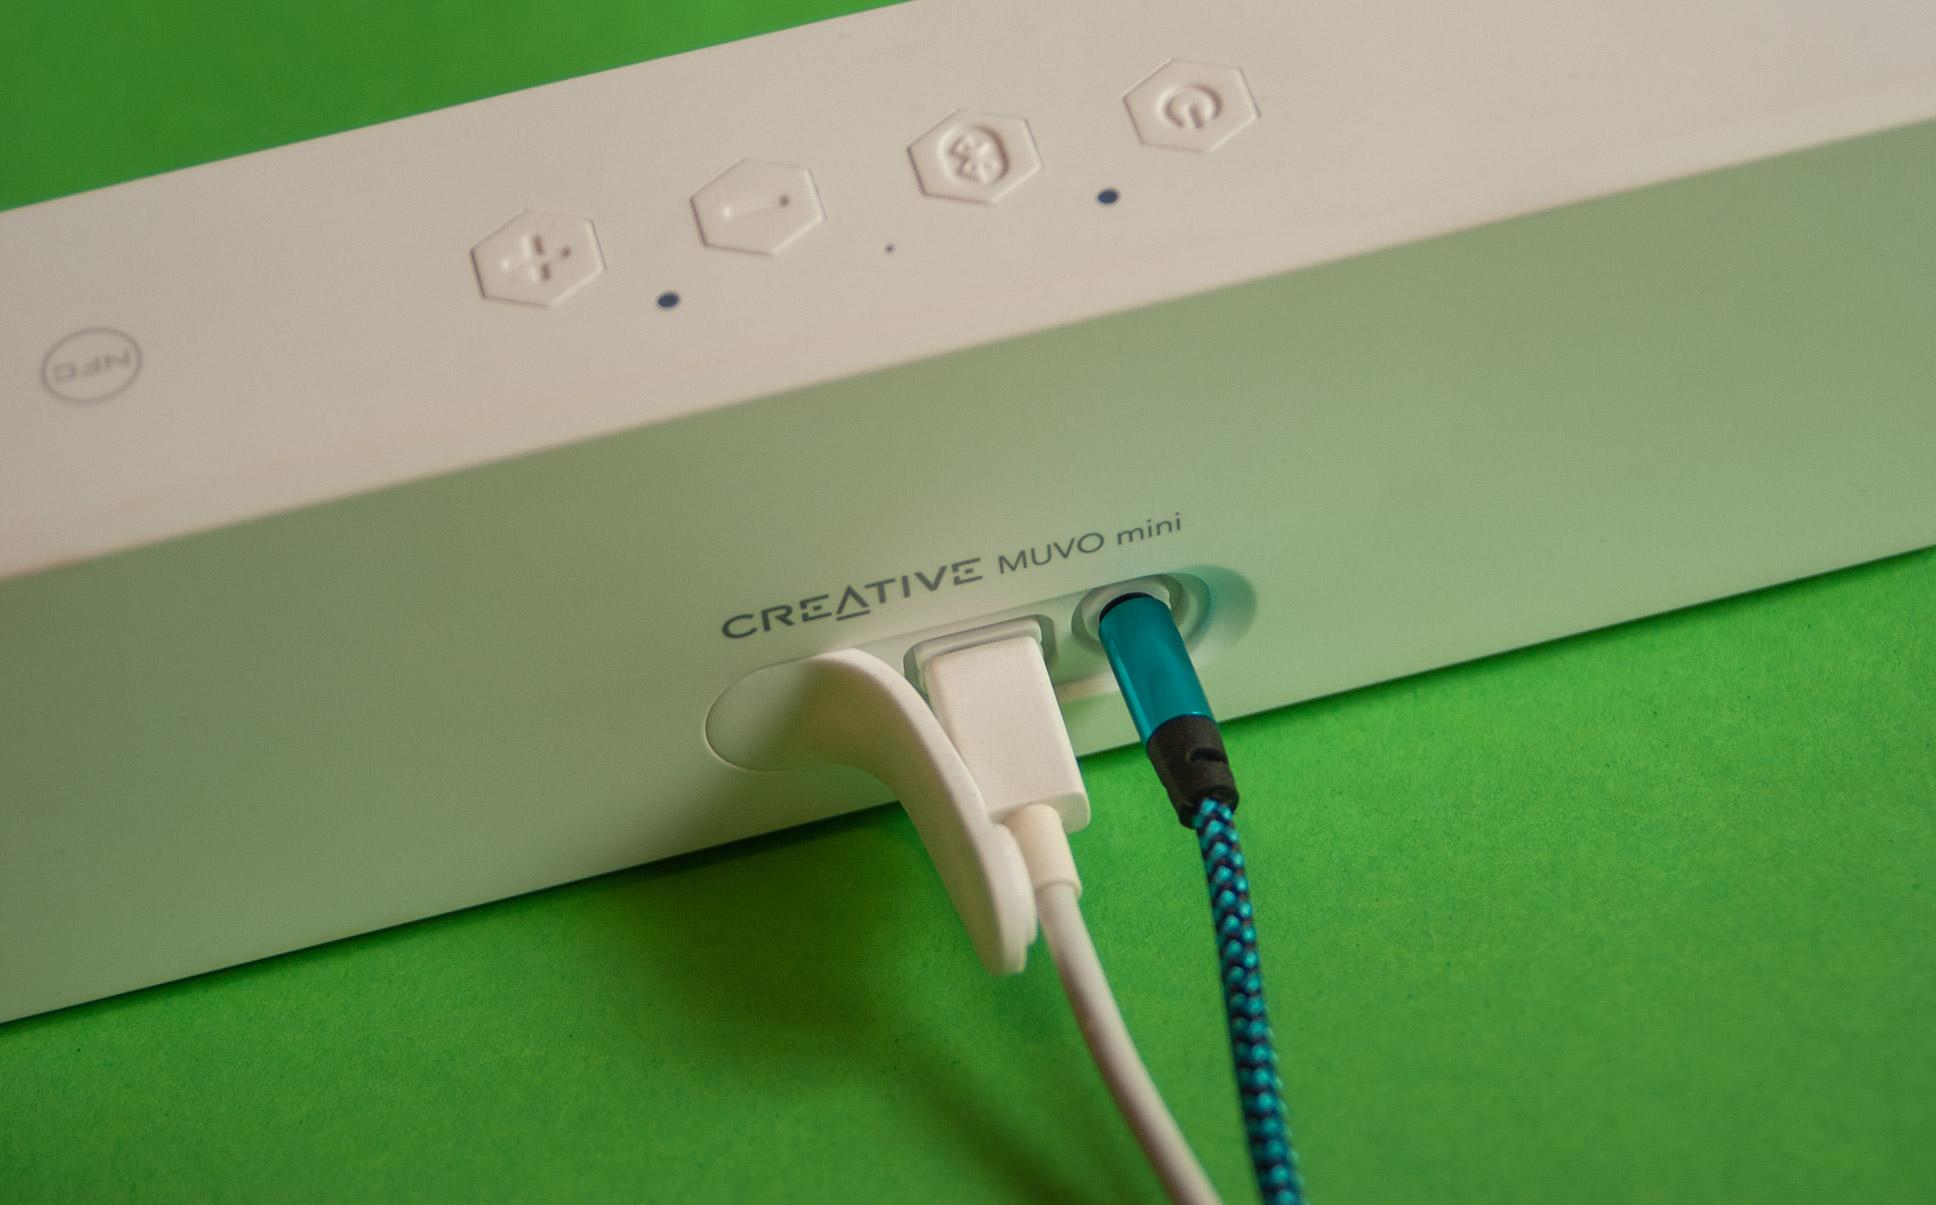 Creative Muvo Mini - głośnik, który potrafi zaskoczyć (recenzja) 27